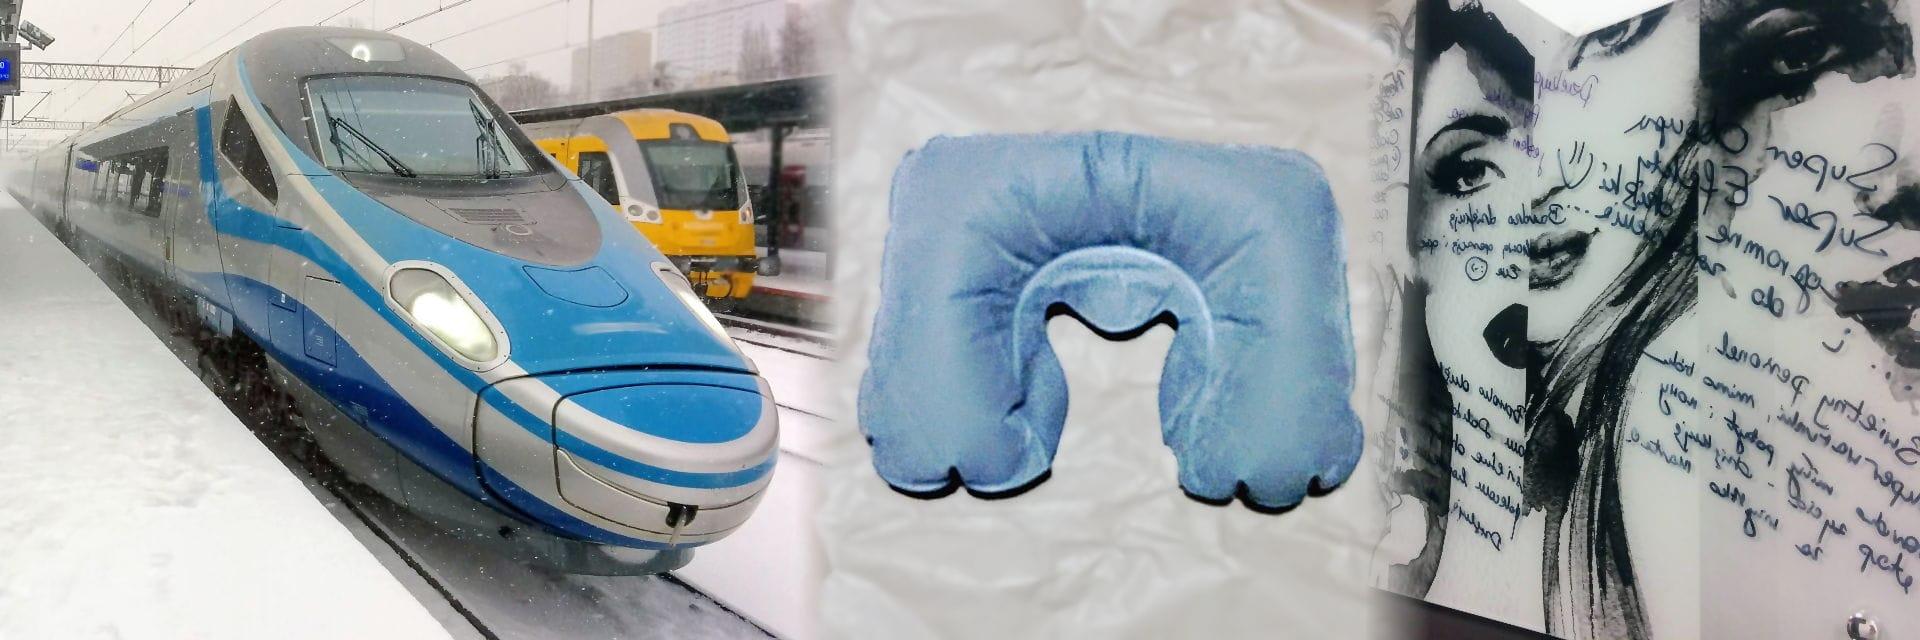 W drodze na kontrolę - szczupak i U-kształtna poduszka